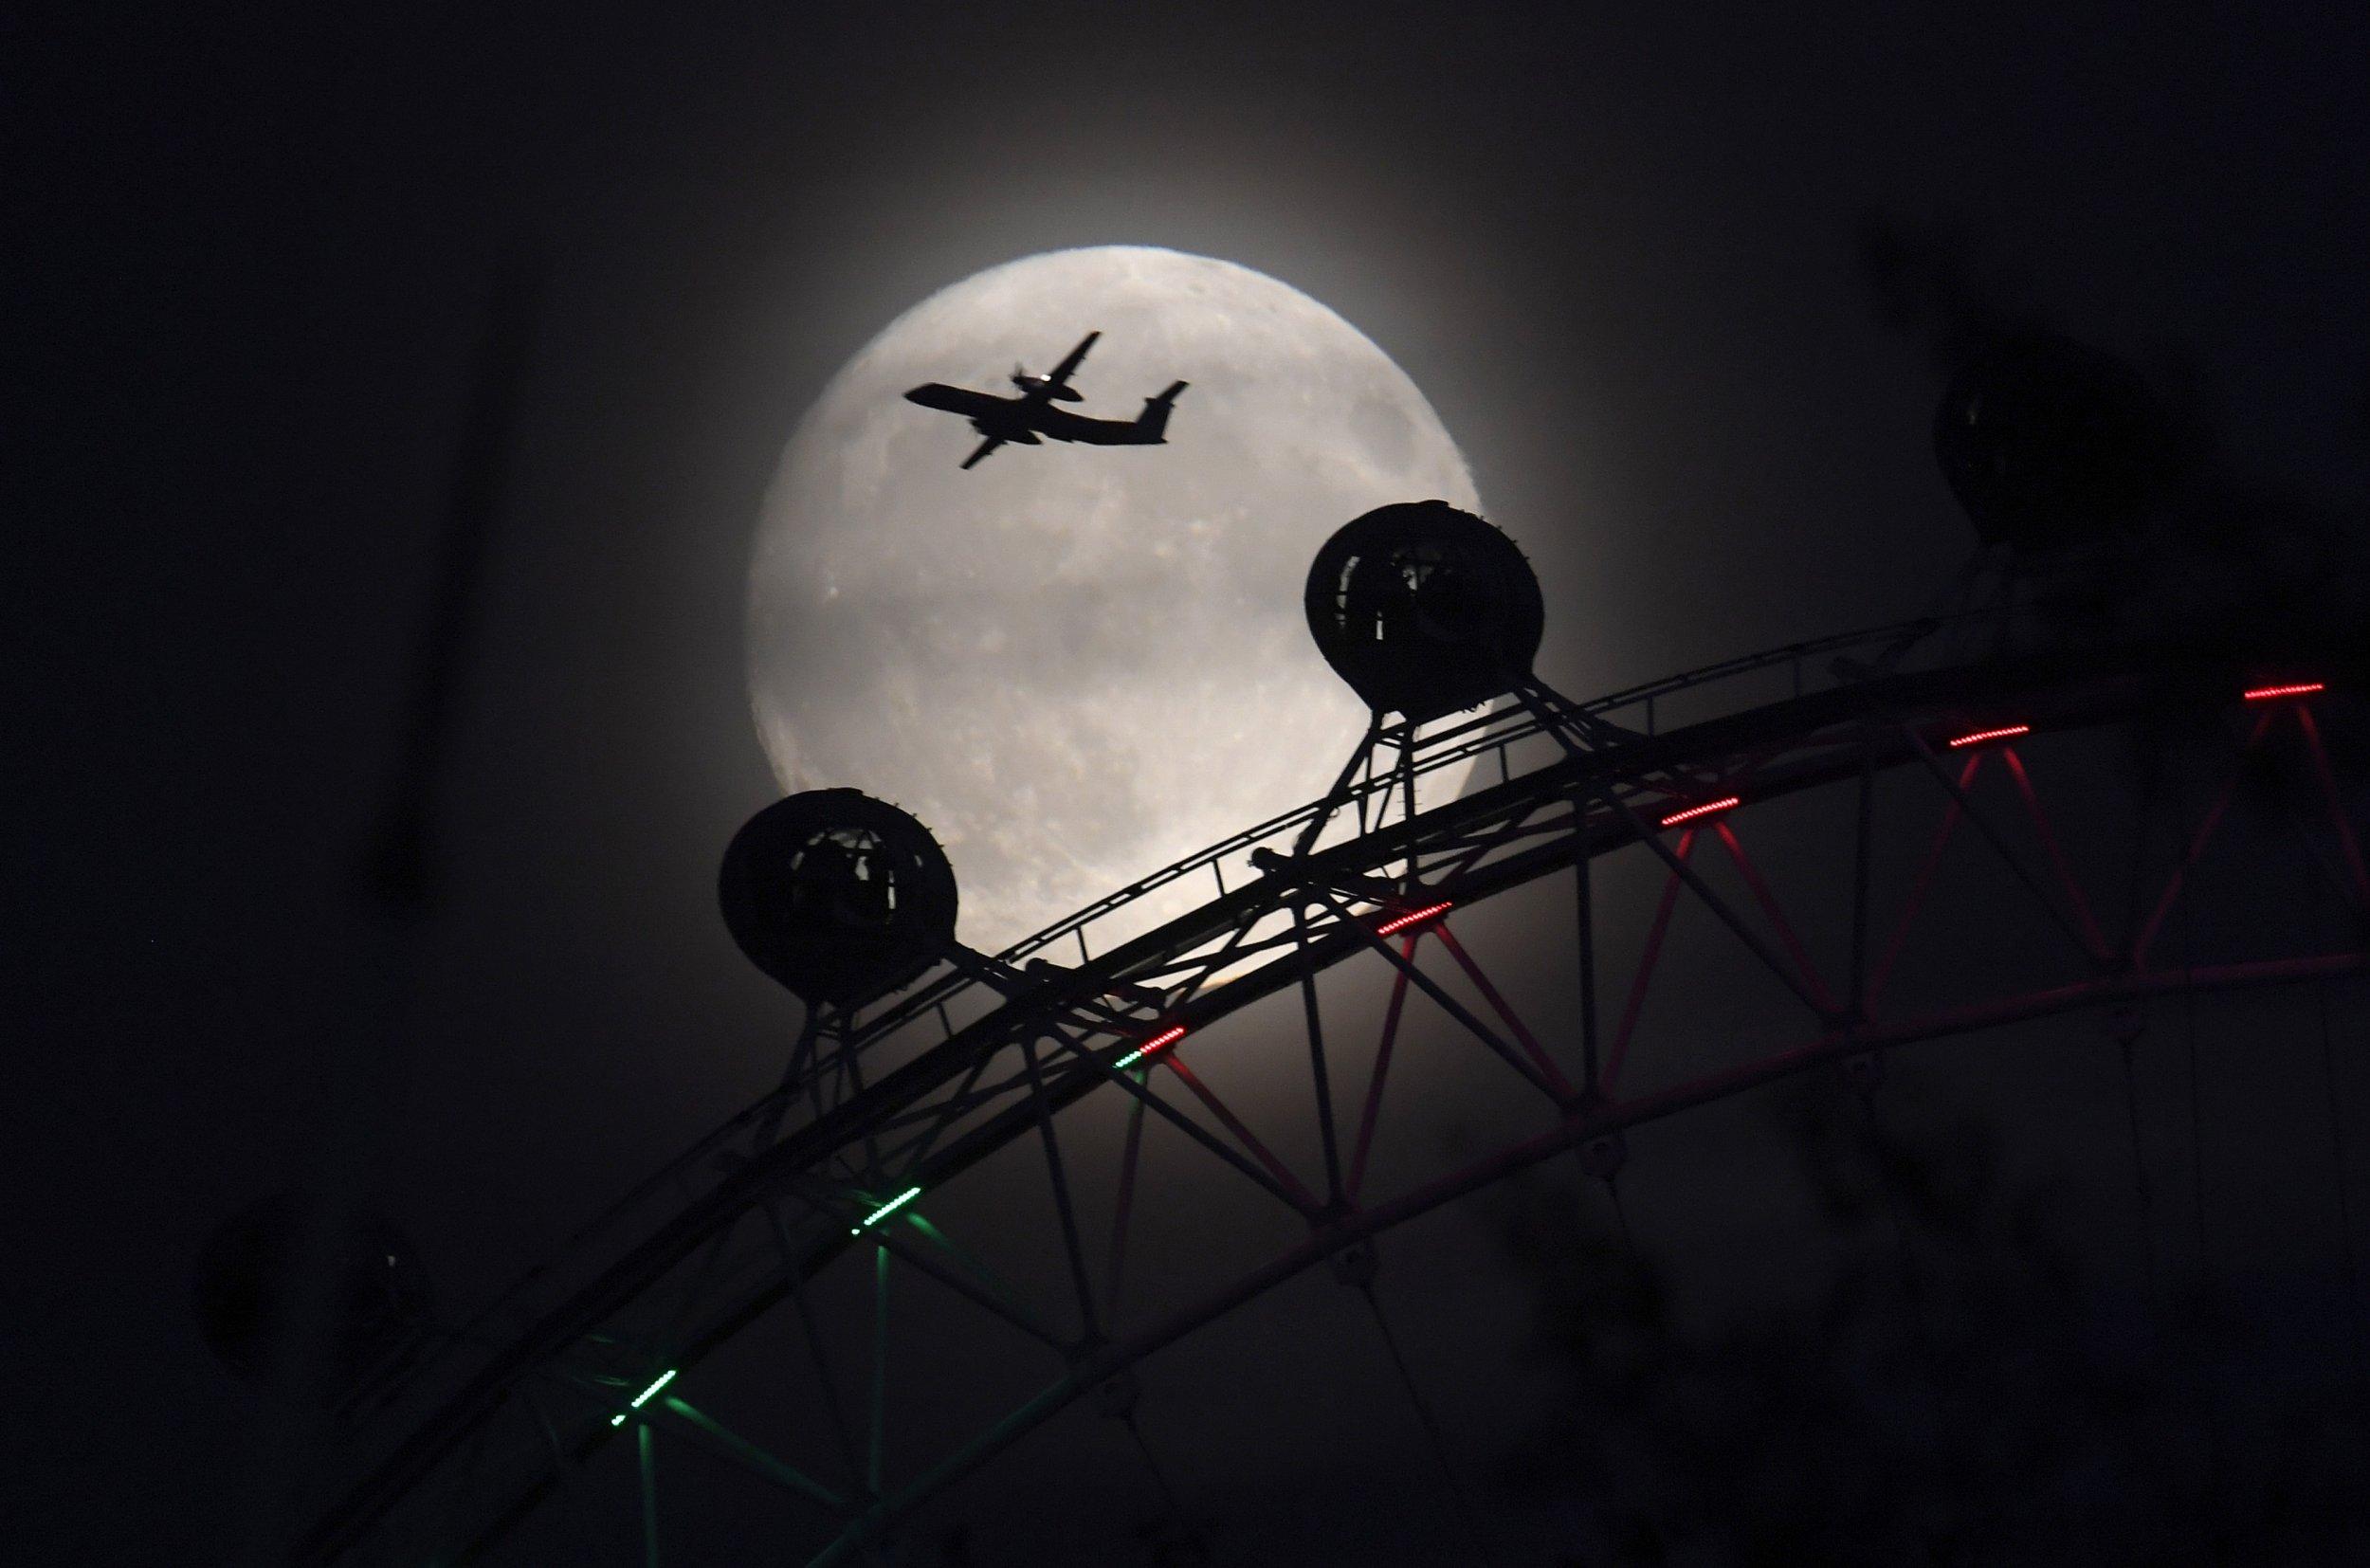 Supermoon over the London Eye